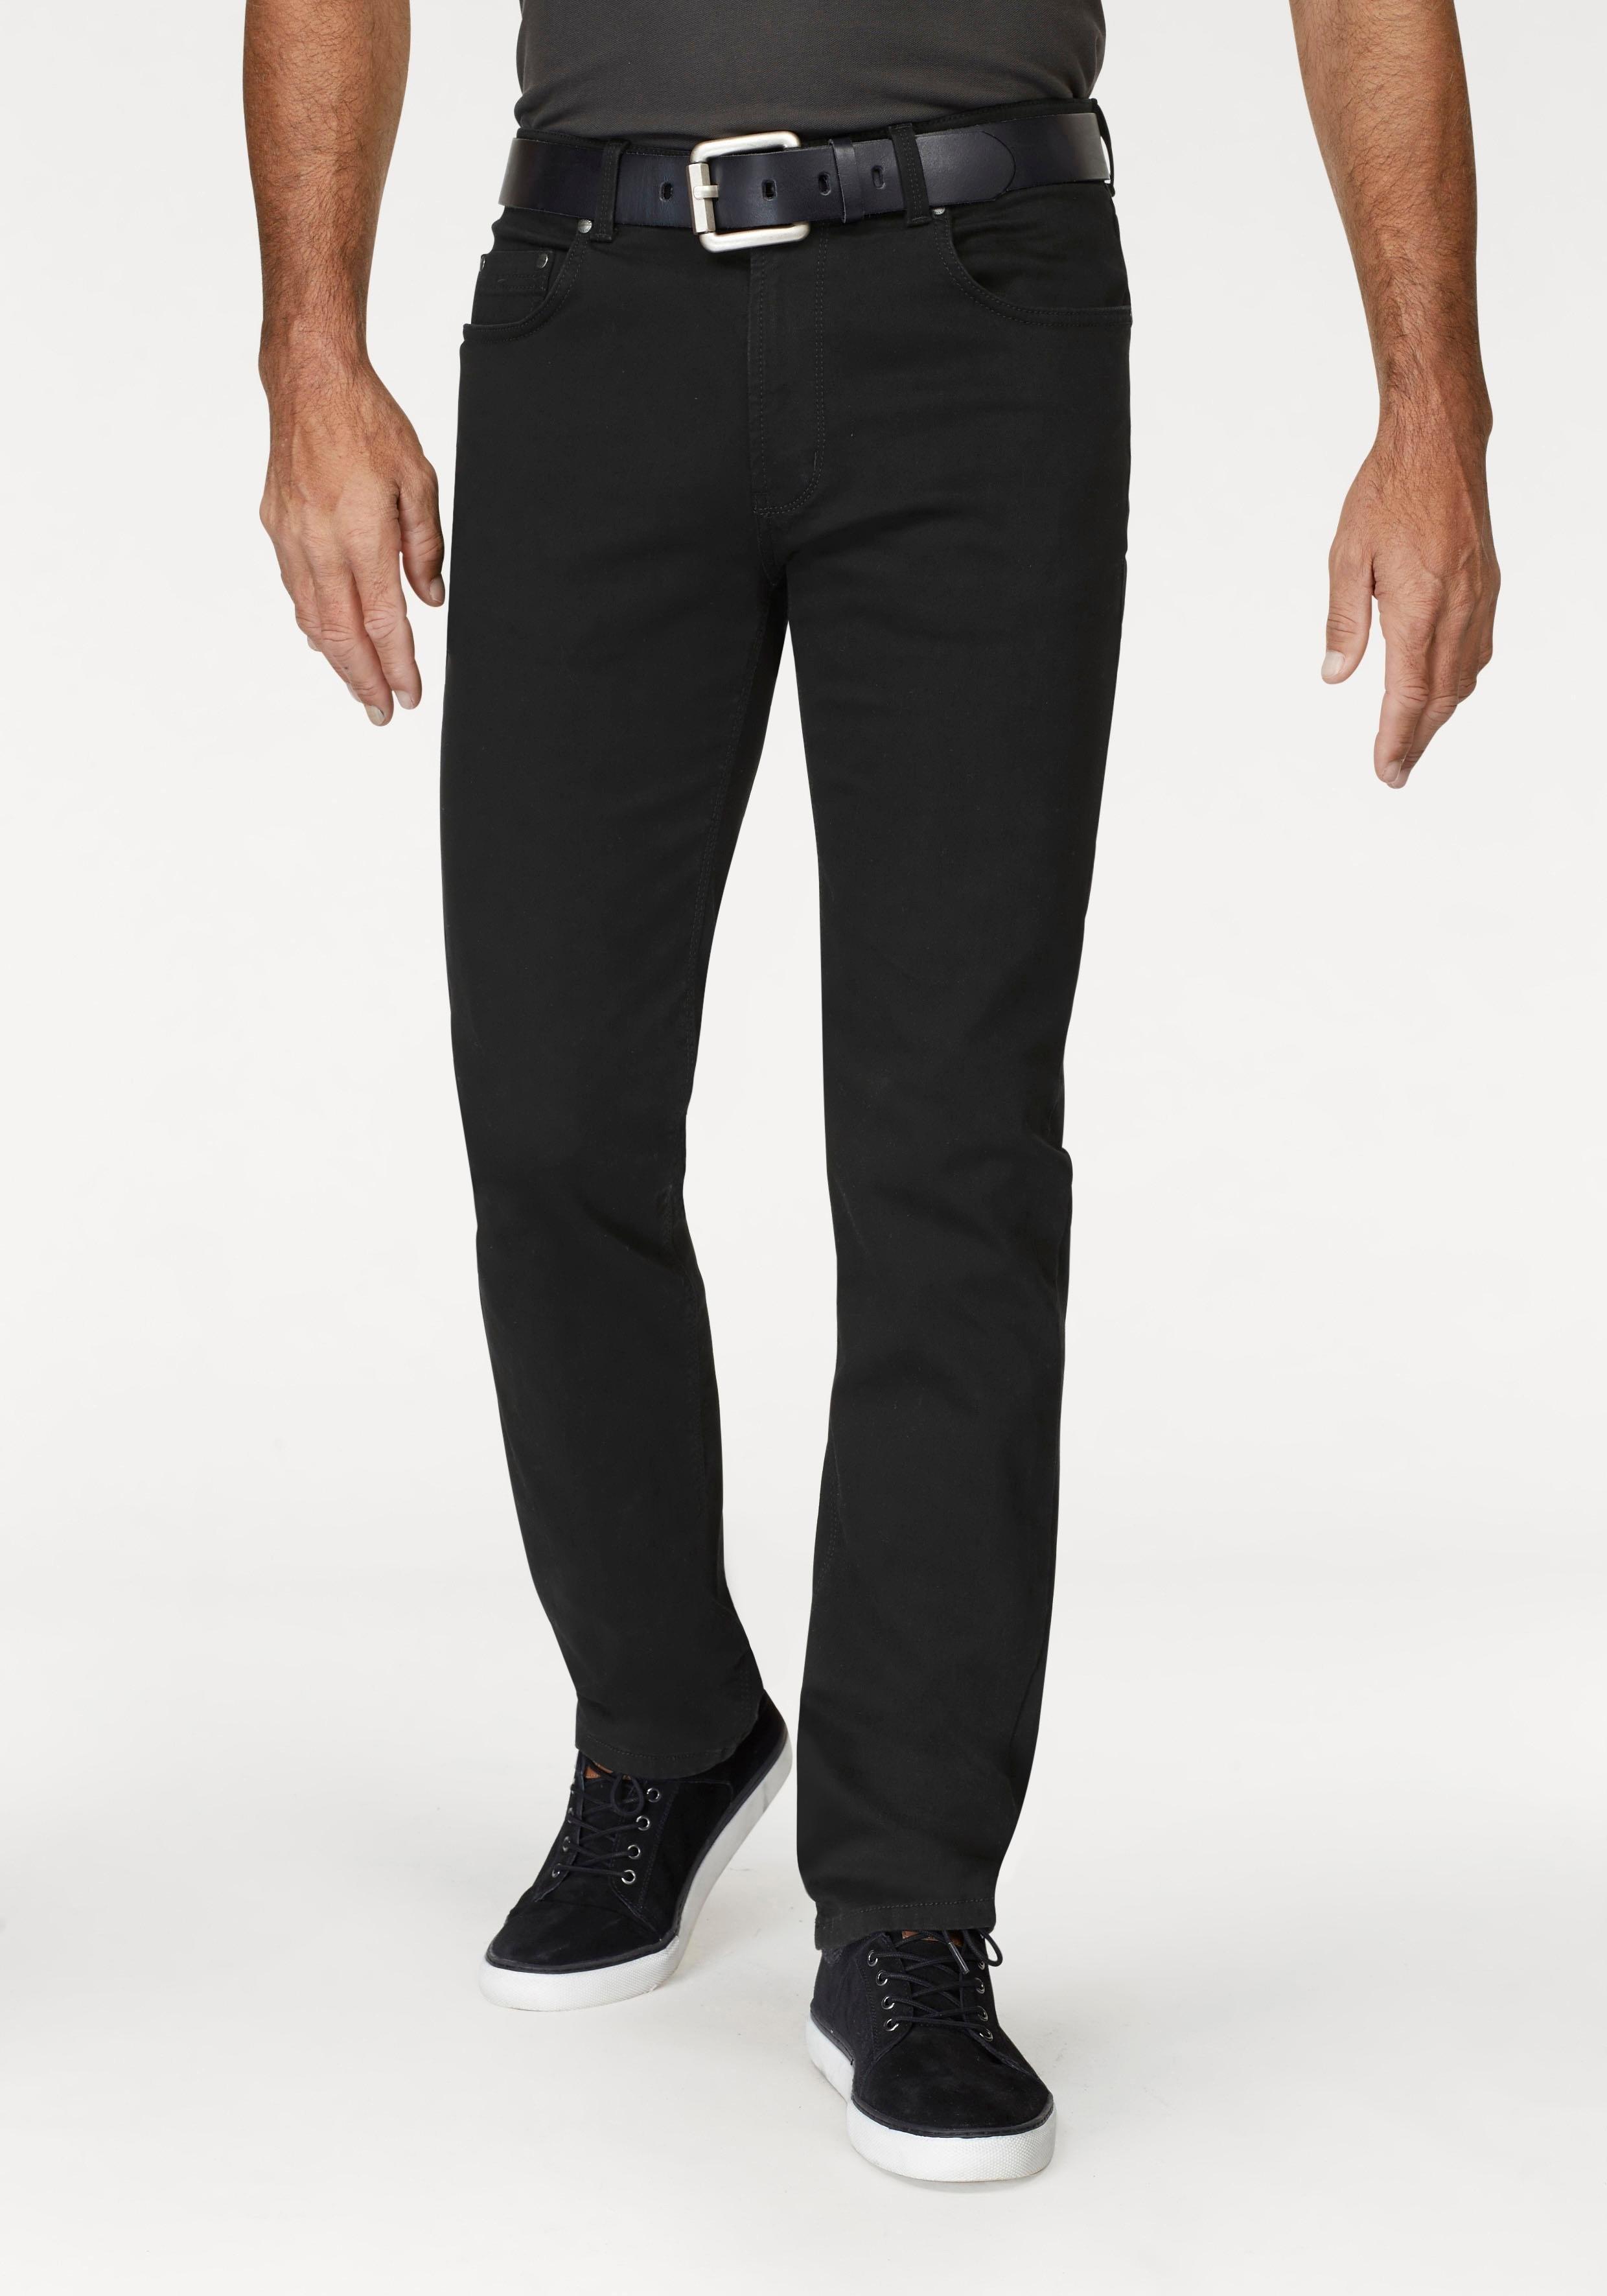 Pioneer Authentic Jeans stretchjeans »Rando« bestellen: 30 dagen bedenktijd